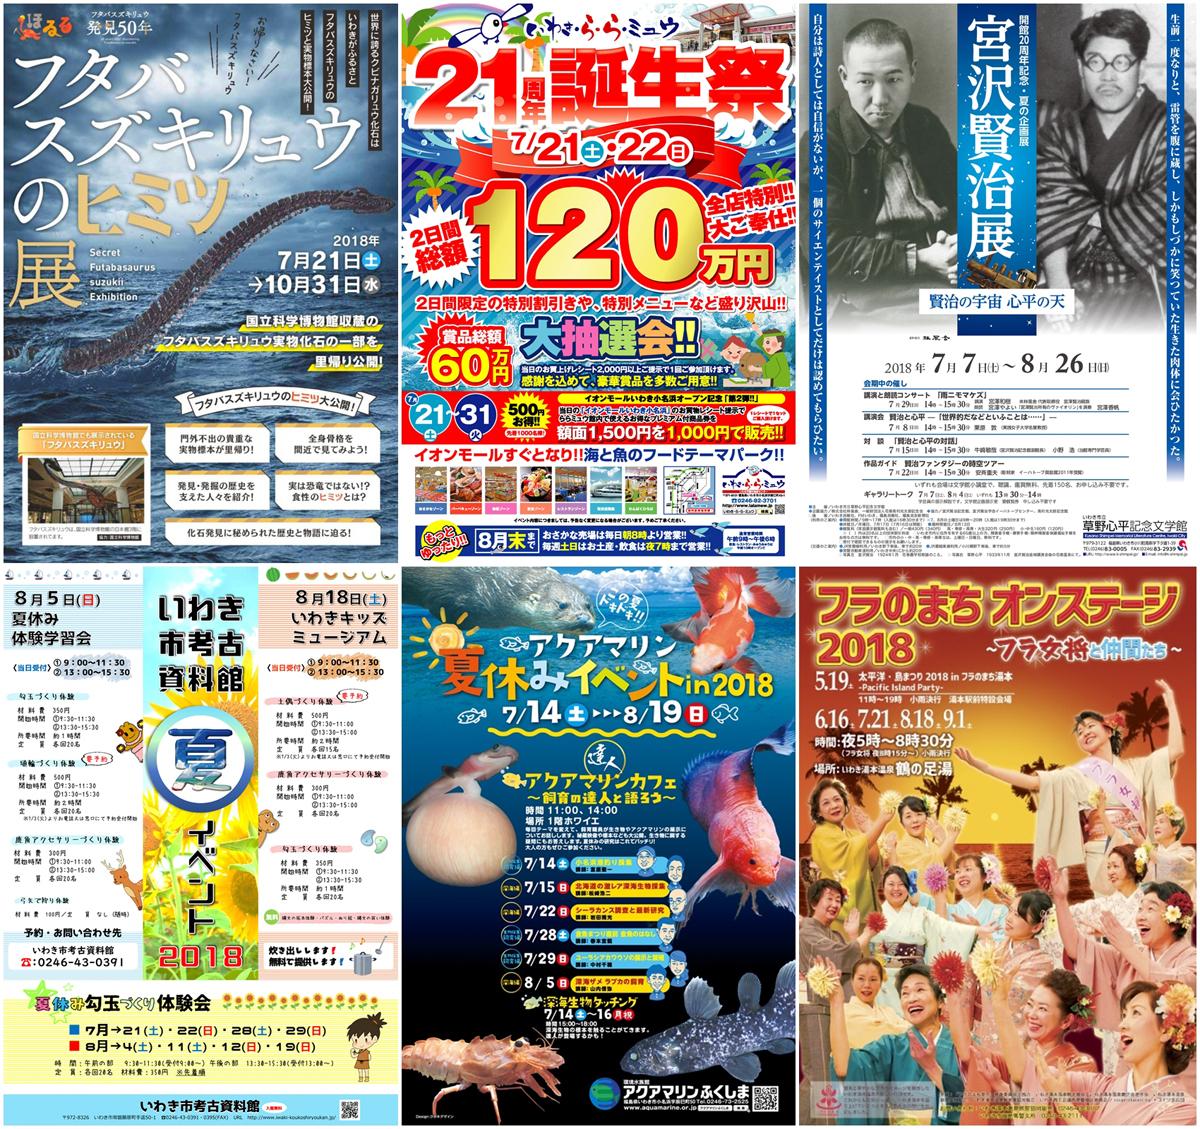 週末イベント情報 [平成30年7月18日(水)更新]